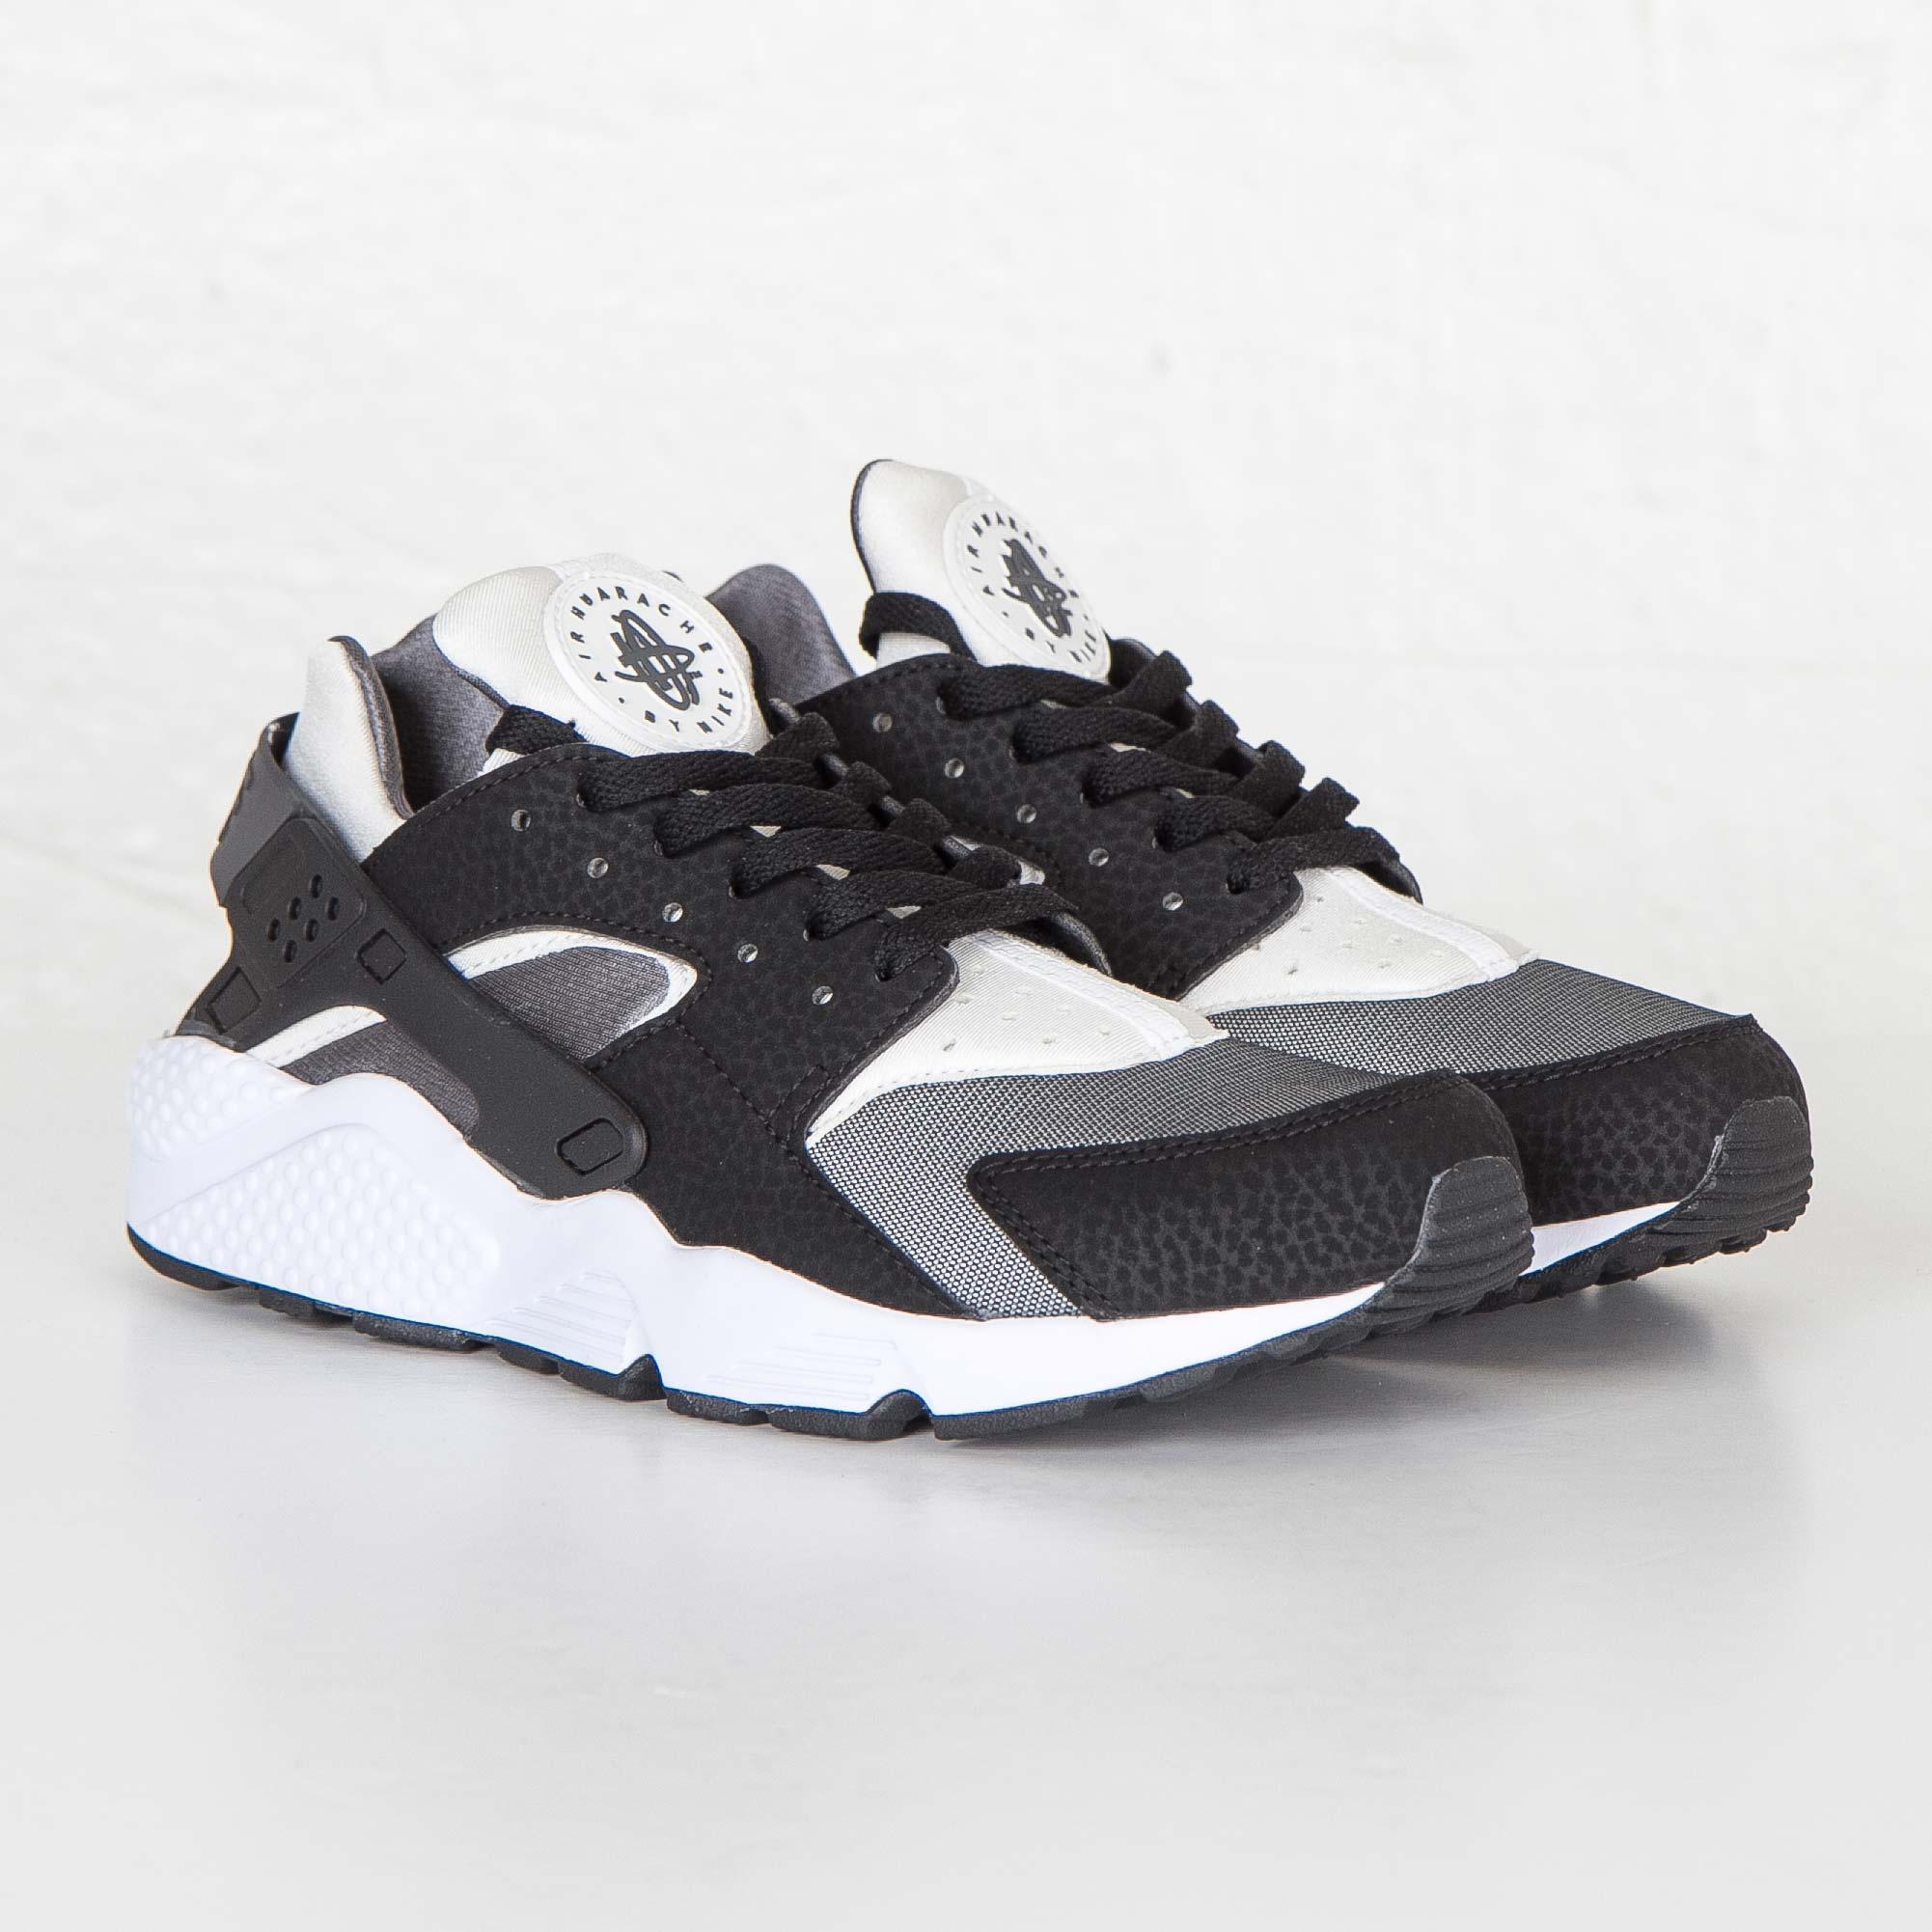 645e2240af86 Nike Air Huarache Run - 318429-012 - Sneakersnstuff